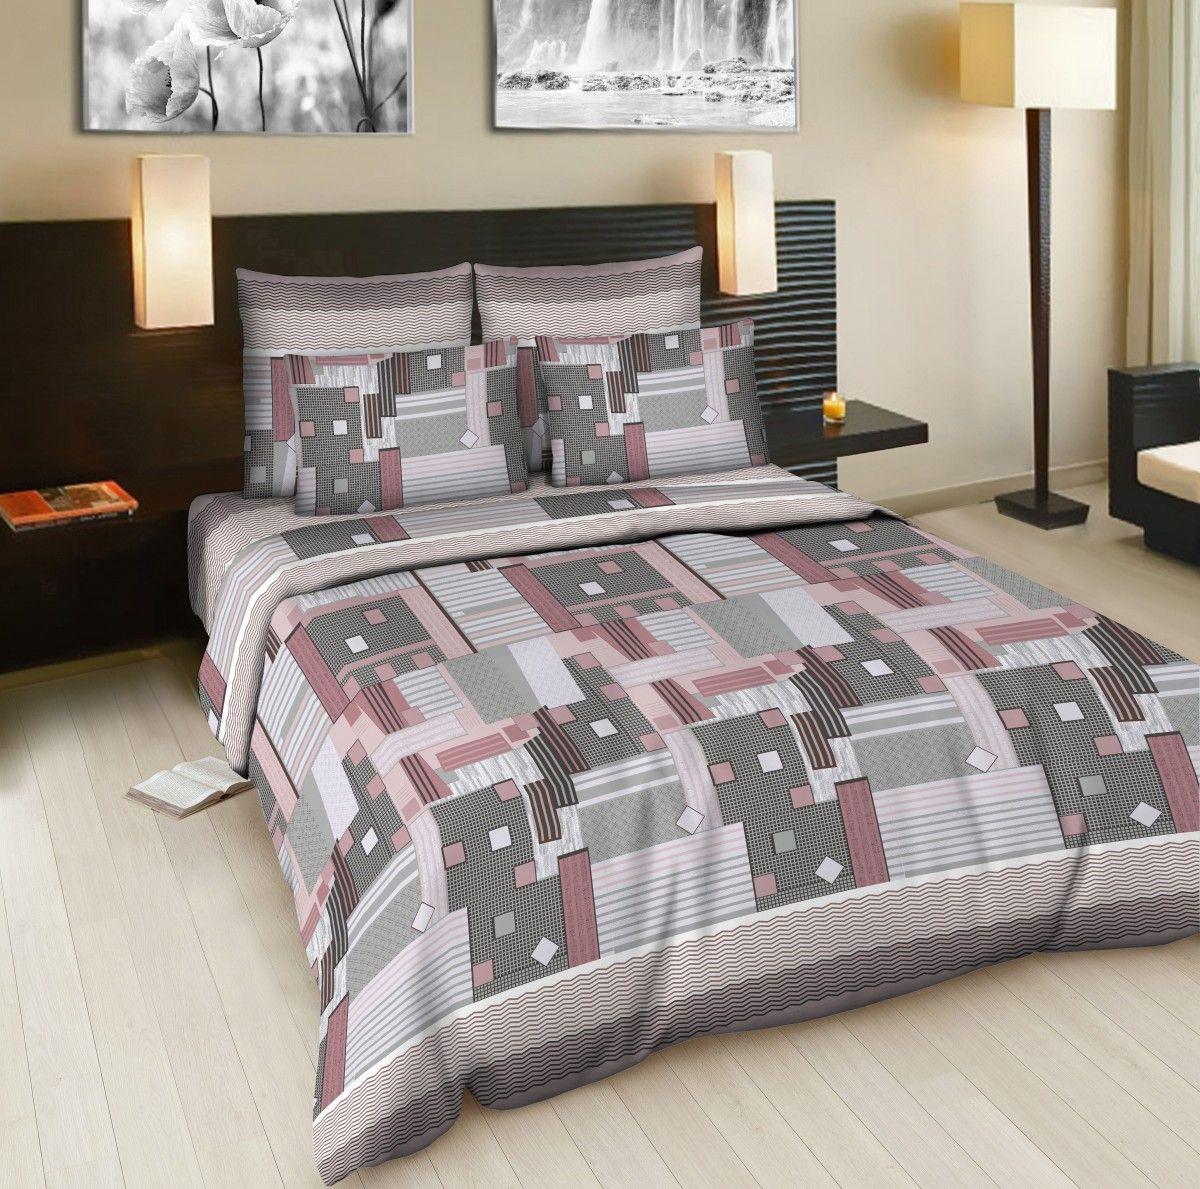 Комплект белья Amore Mio Window, 1,5-спальный, наволочки 70x70, цвет: серый, розовый83929Постельное белье из бязи практично и долговечно, а самое главное - это 100% хлопок! Материал великолепно отводит влагу, отлично пропускает воздух, не капризен в уходе, легко стирается и гладится. Новая коллекция Naturel 3-D дизайнов позволит выбрать постельное белье на любой вкус!